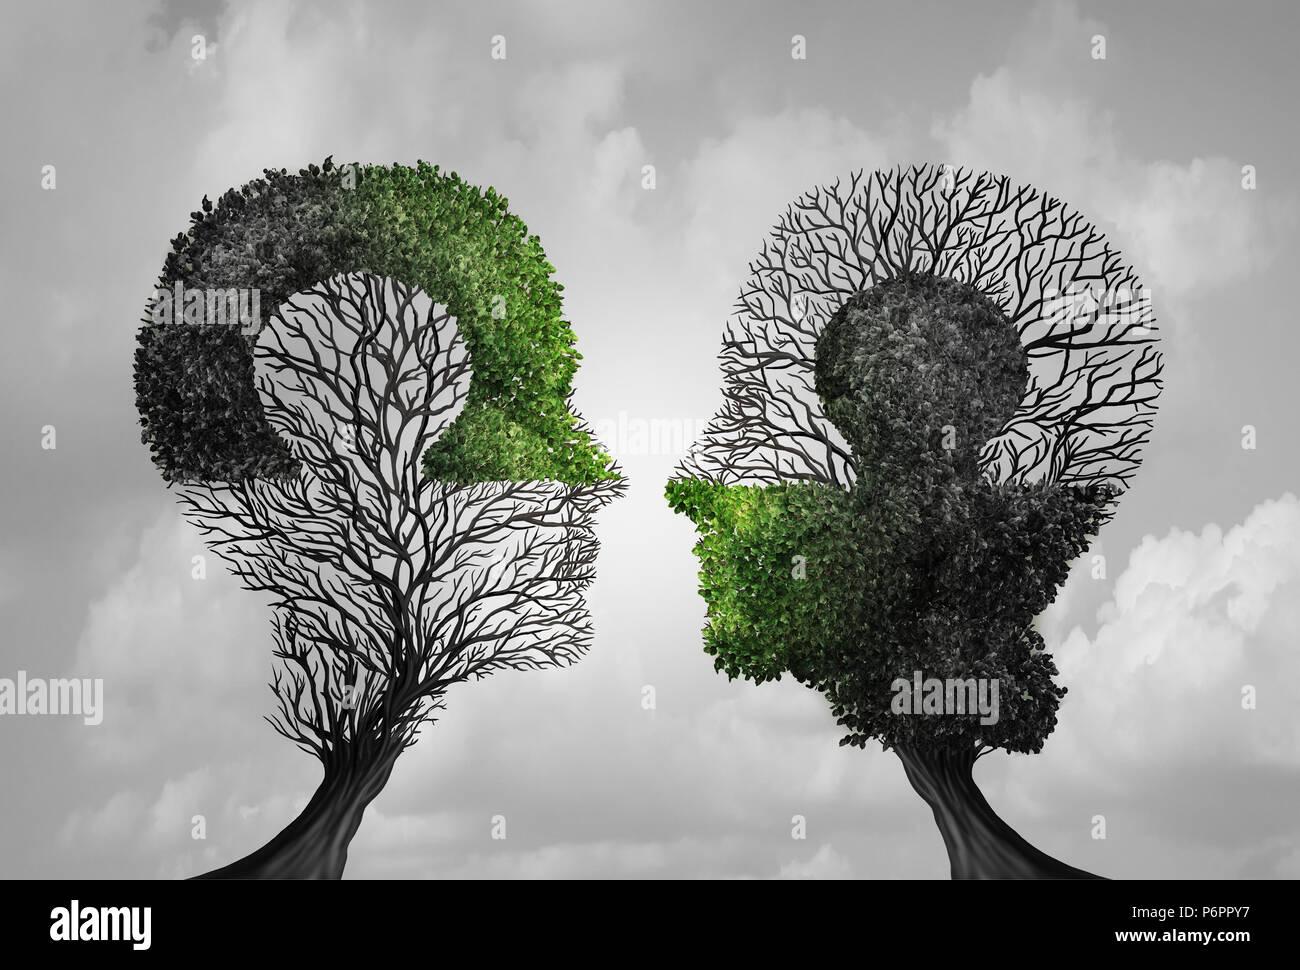 Psychologie und Psychiatrie Idee als Symbol für Psychologe Therapie und konstruktives Denken puzzle Treffen in einer 3D-Darstellung. Stockbild